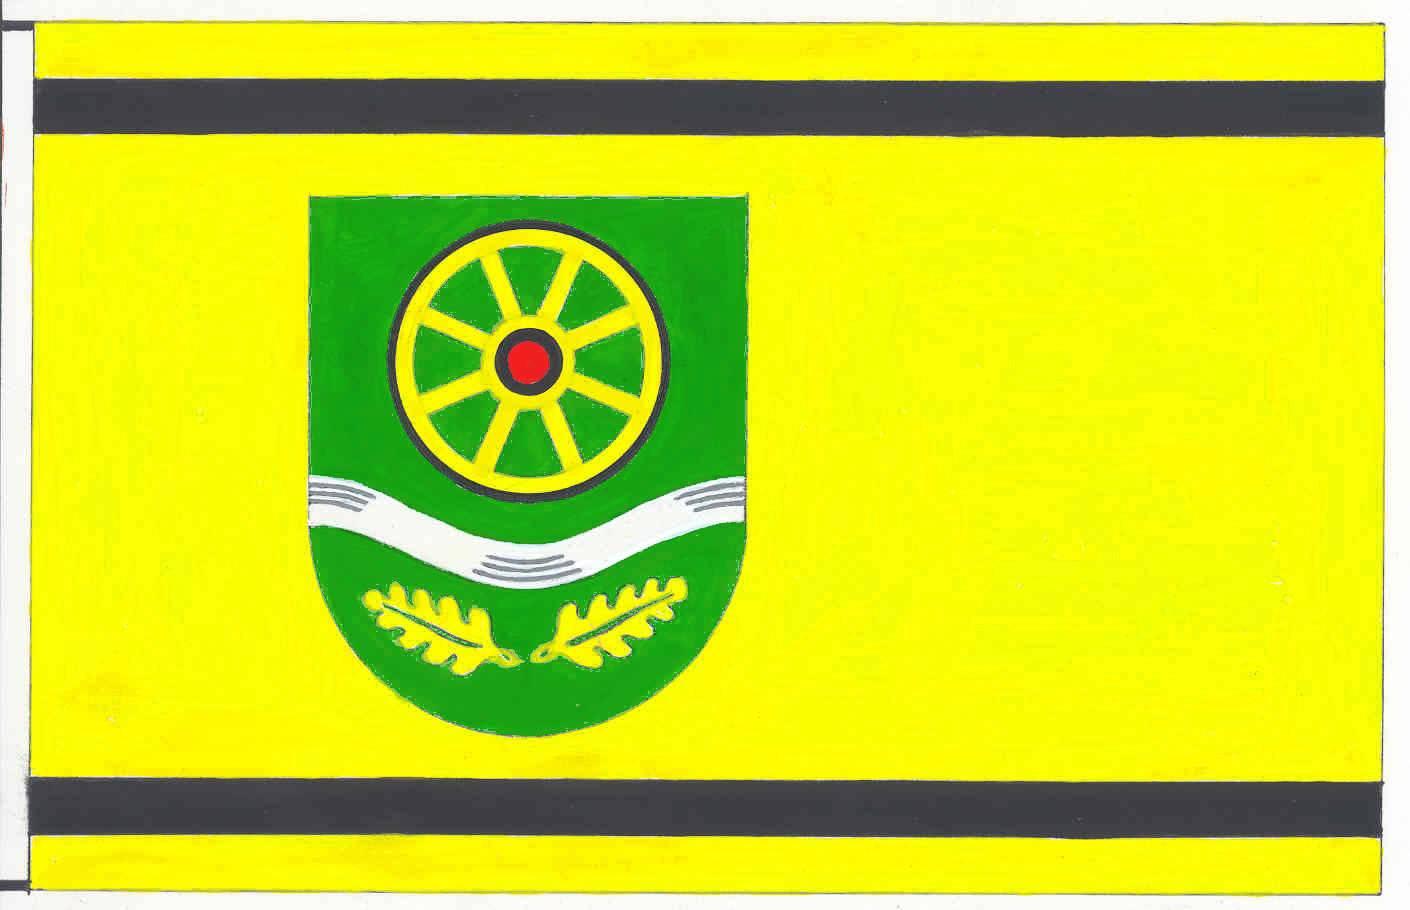 Flagge GemeindeKollow, Kreis Herzogtum Lauenburg